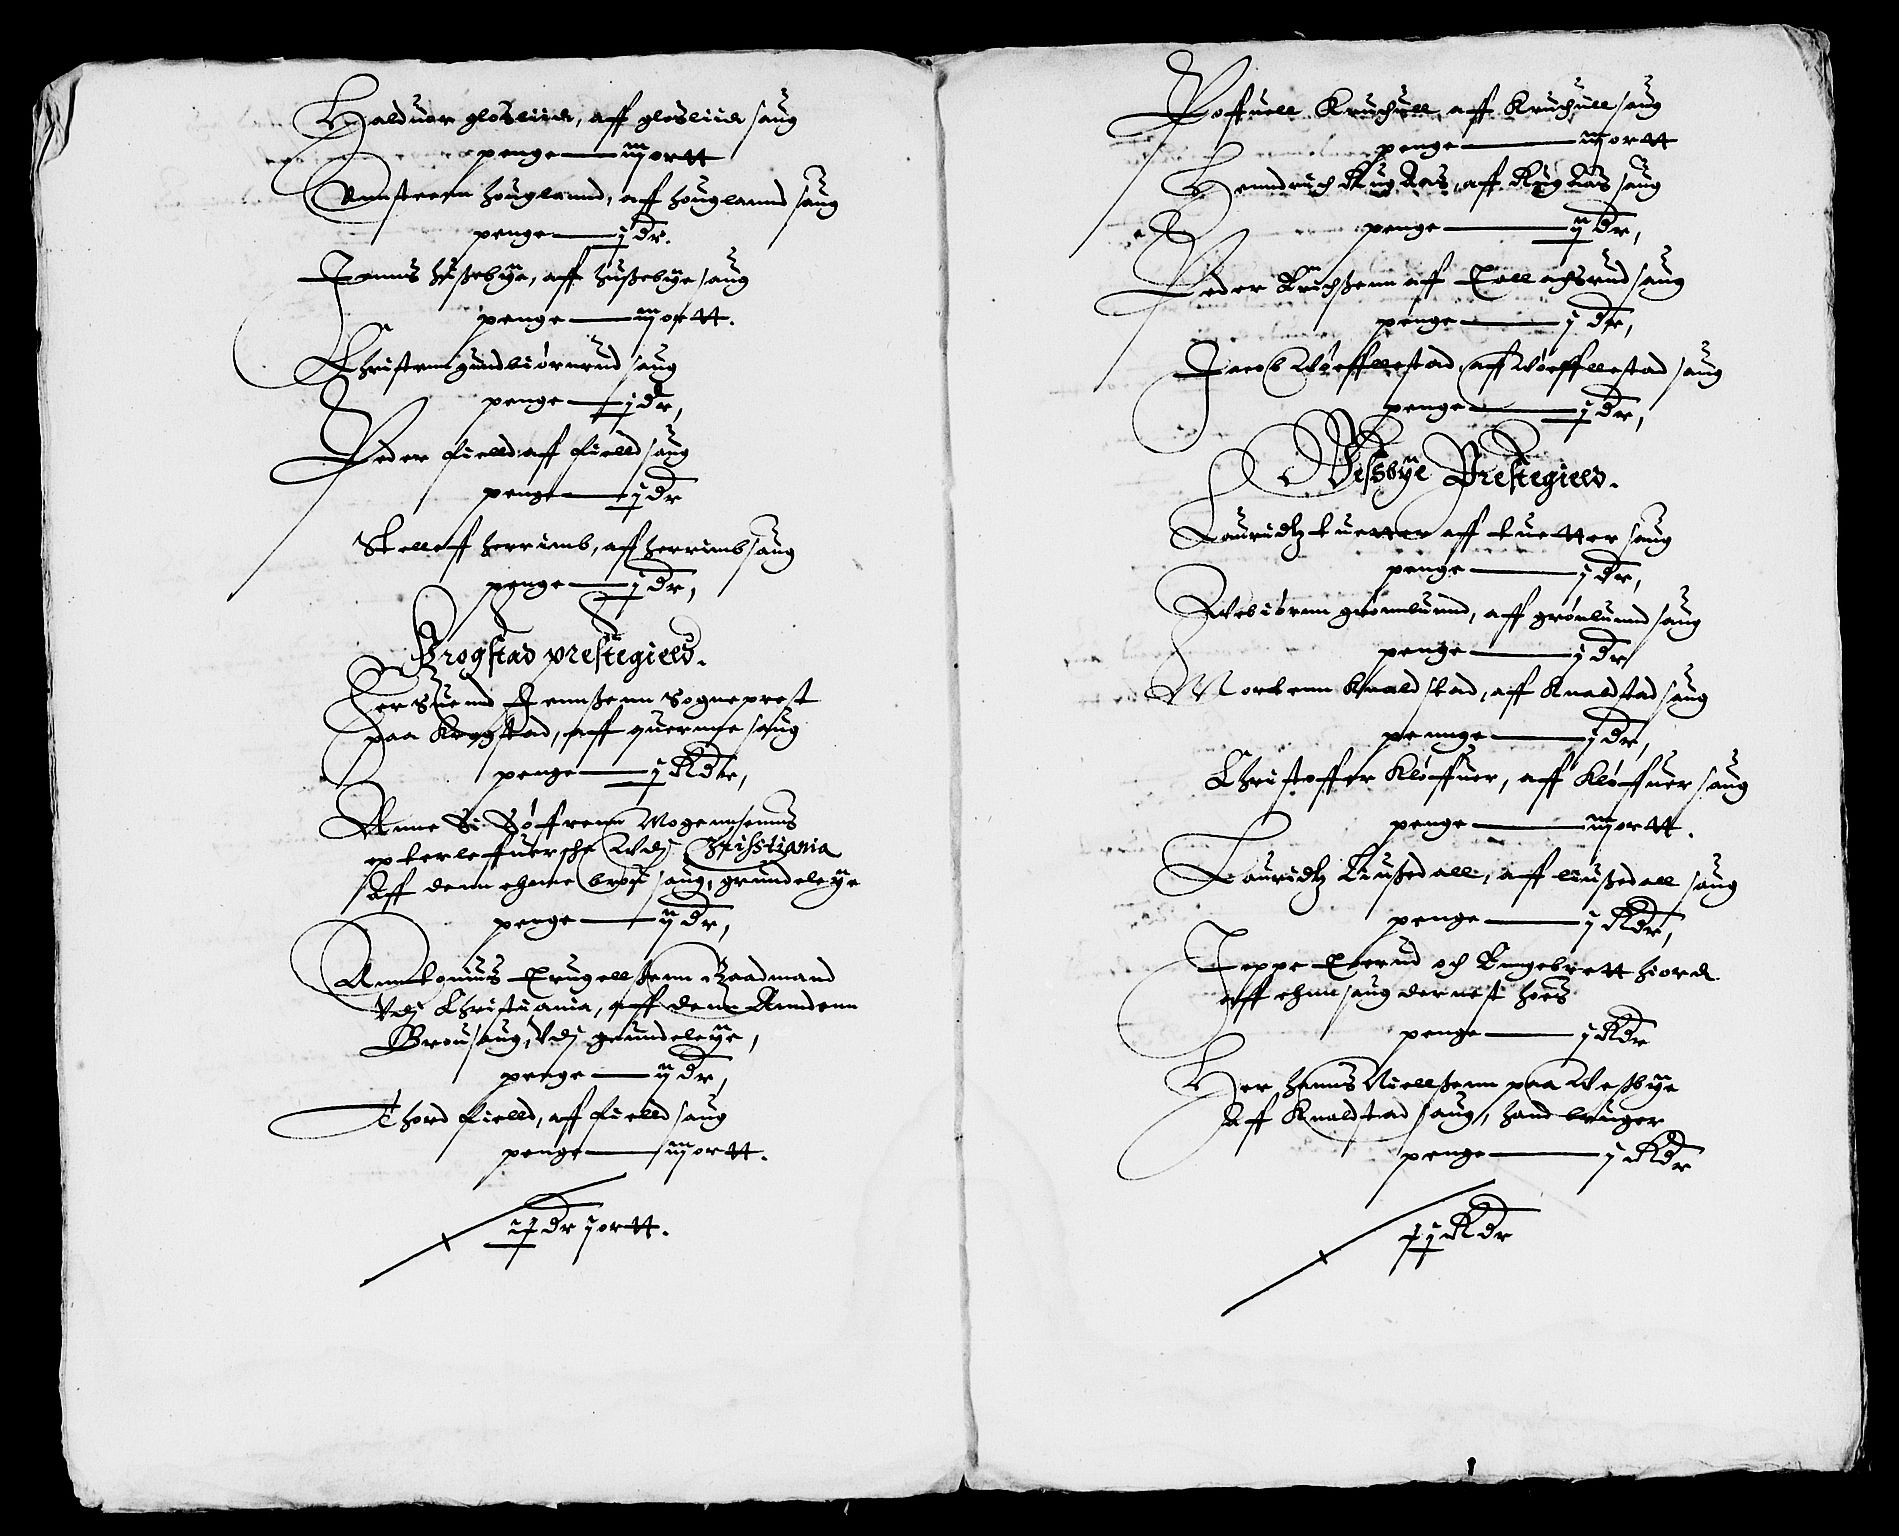 RA, Rentekammeret inntil 1814, Reviderte regnskaper, Lensregnskaper, R/Rb/Rba/L0072: Akershus len, 1624-1626